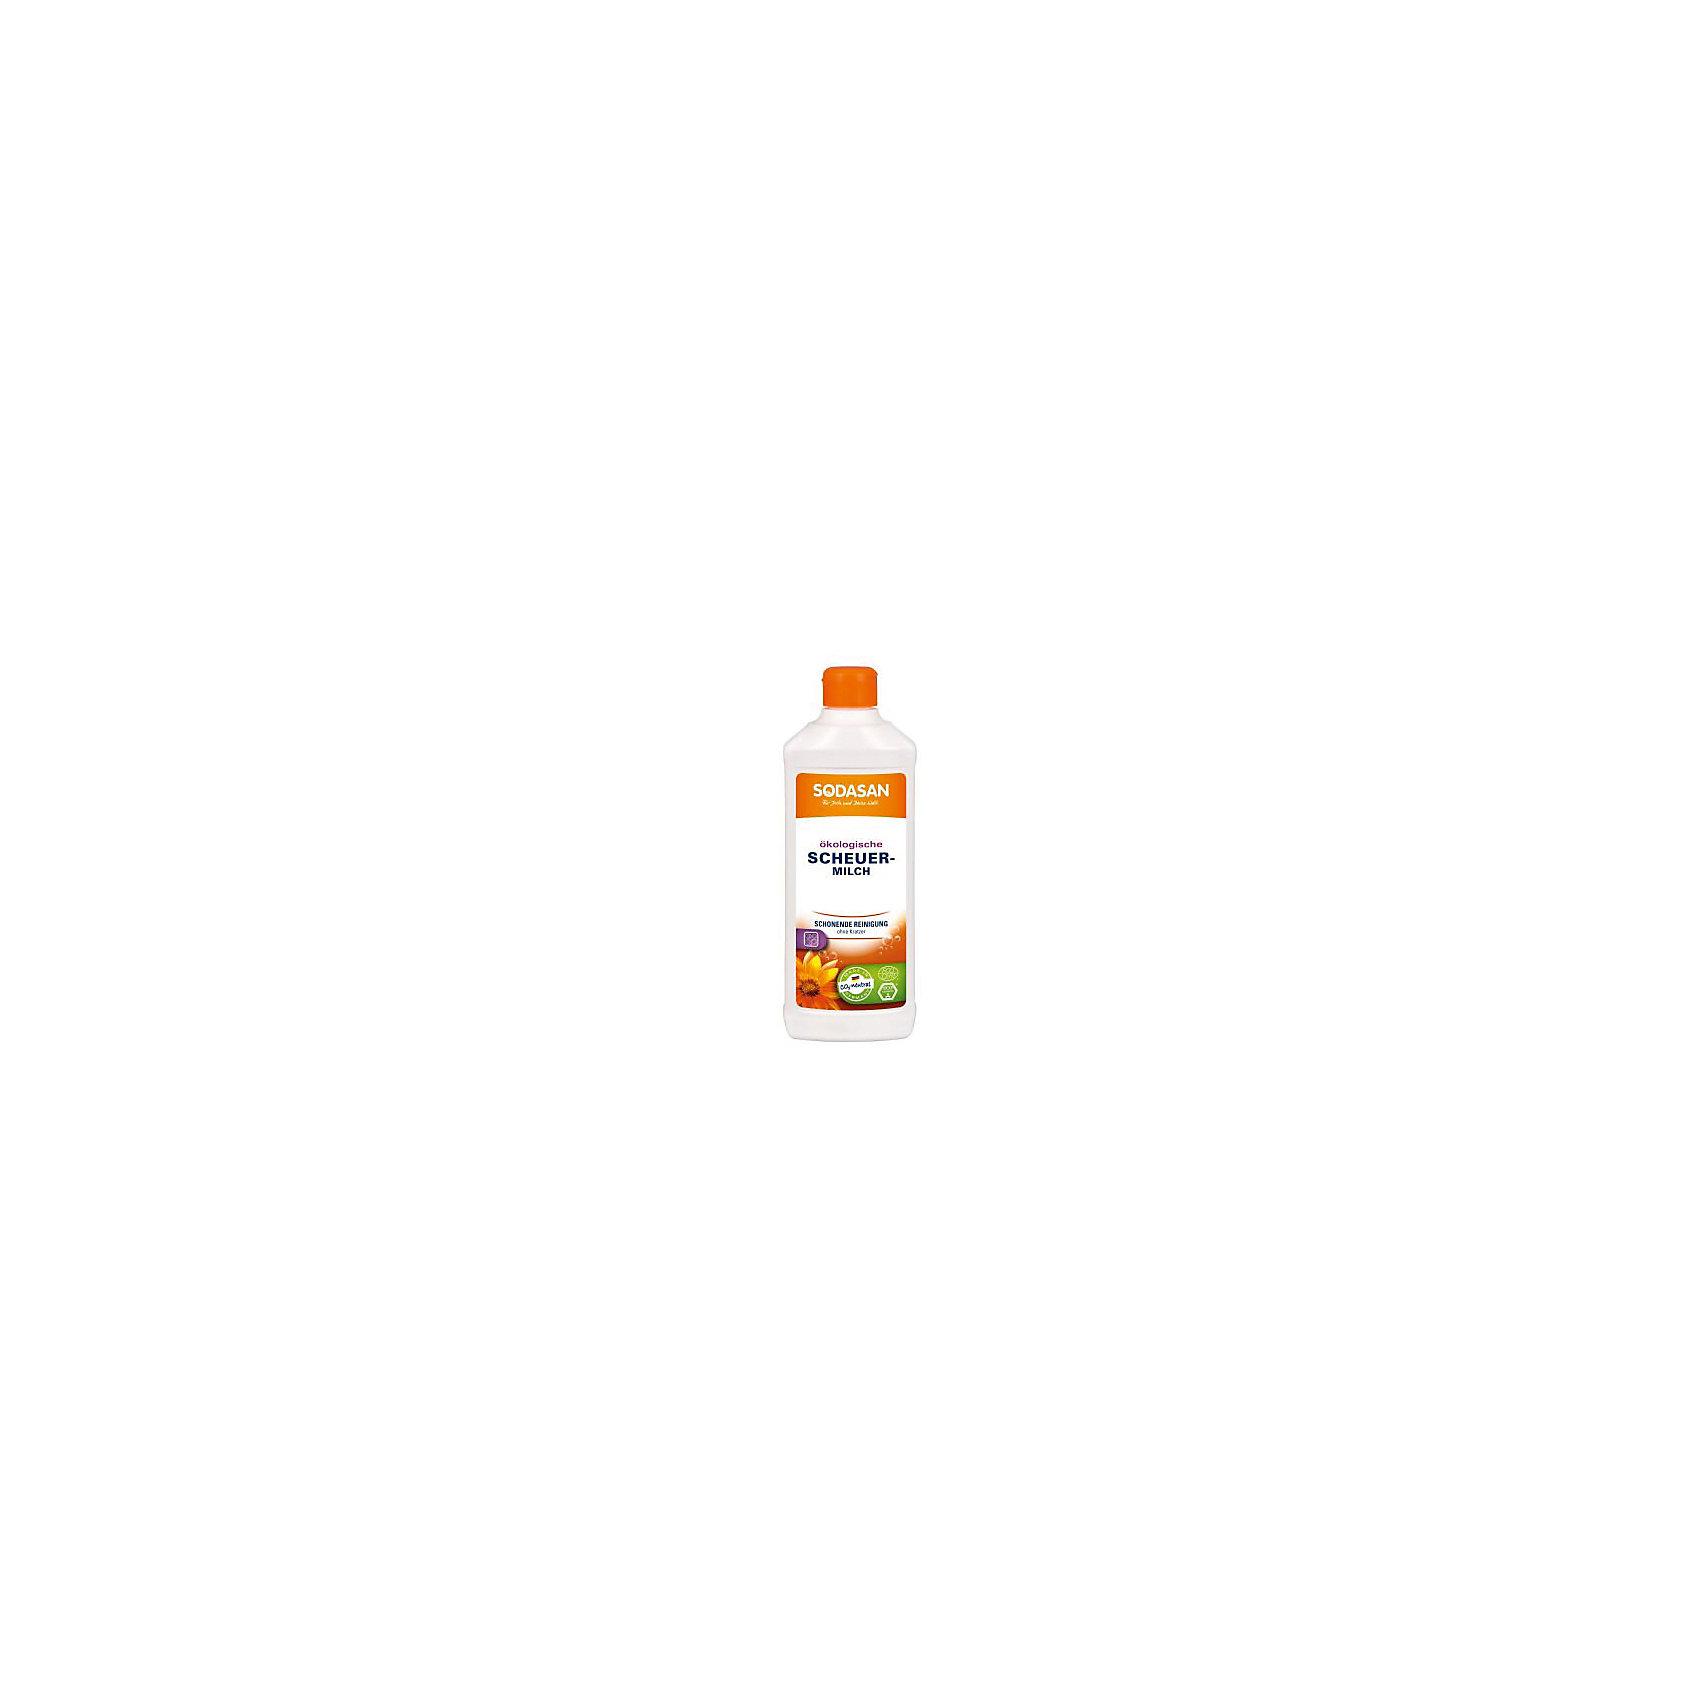 Крем очищающий для стеклокерамики и других деликатных поверхностей 500мл, SodasanБытовая химия<br>Бережная очистка без царапин<br>Преимущества:<br><br>эффективная, тщательная очистка<br>без красителей или консервантов<br>естественный аромат чистых эфирных масел<br>Использование:<br>Для эффективного и продуктивного удаления загрязнений на твердых поверхностях, таких как керамическая и индукционная конфорка, эмаль, керамика, нержавеющая сталь или сантехническое оборудование.<br><br>Экологические преимущества:<br>Мраморный порошок - широко используемое минеральное вещество, которое не разлагается в сточных водах.<br>Продукт является CO2-нейтральным. Мы используем только электроэнергию Greenpeace energy, следовательно, на 100% обходимся без ядерной энергии.<br><br>Ширина мм: 250<br>Глубина мм: 100<br>Высота мм: 250<br>Вес г: 500<br>Возраст от месяцев: 216<br>Возраст до месяцев: 1188<br>Пол: Унисекс<br>Возраст: Детский<br>SKU: 5407606